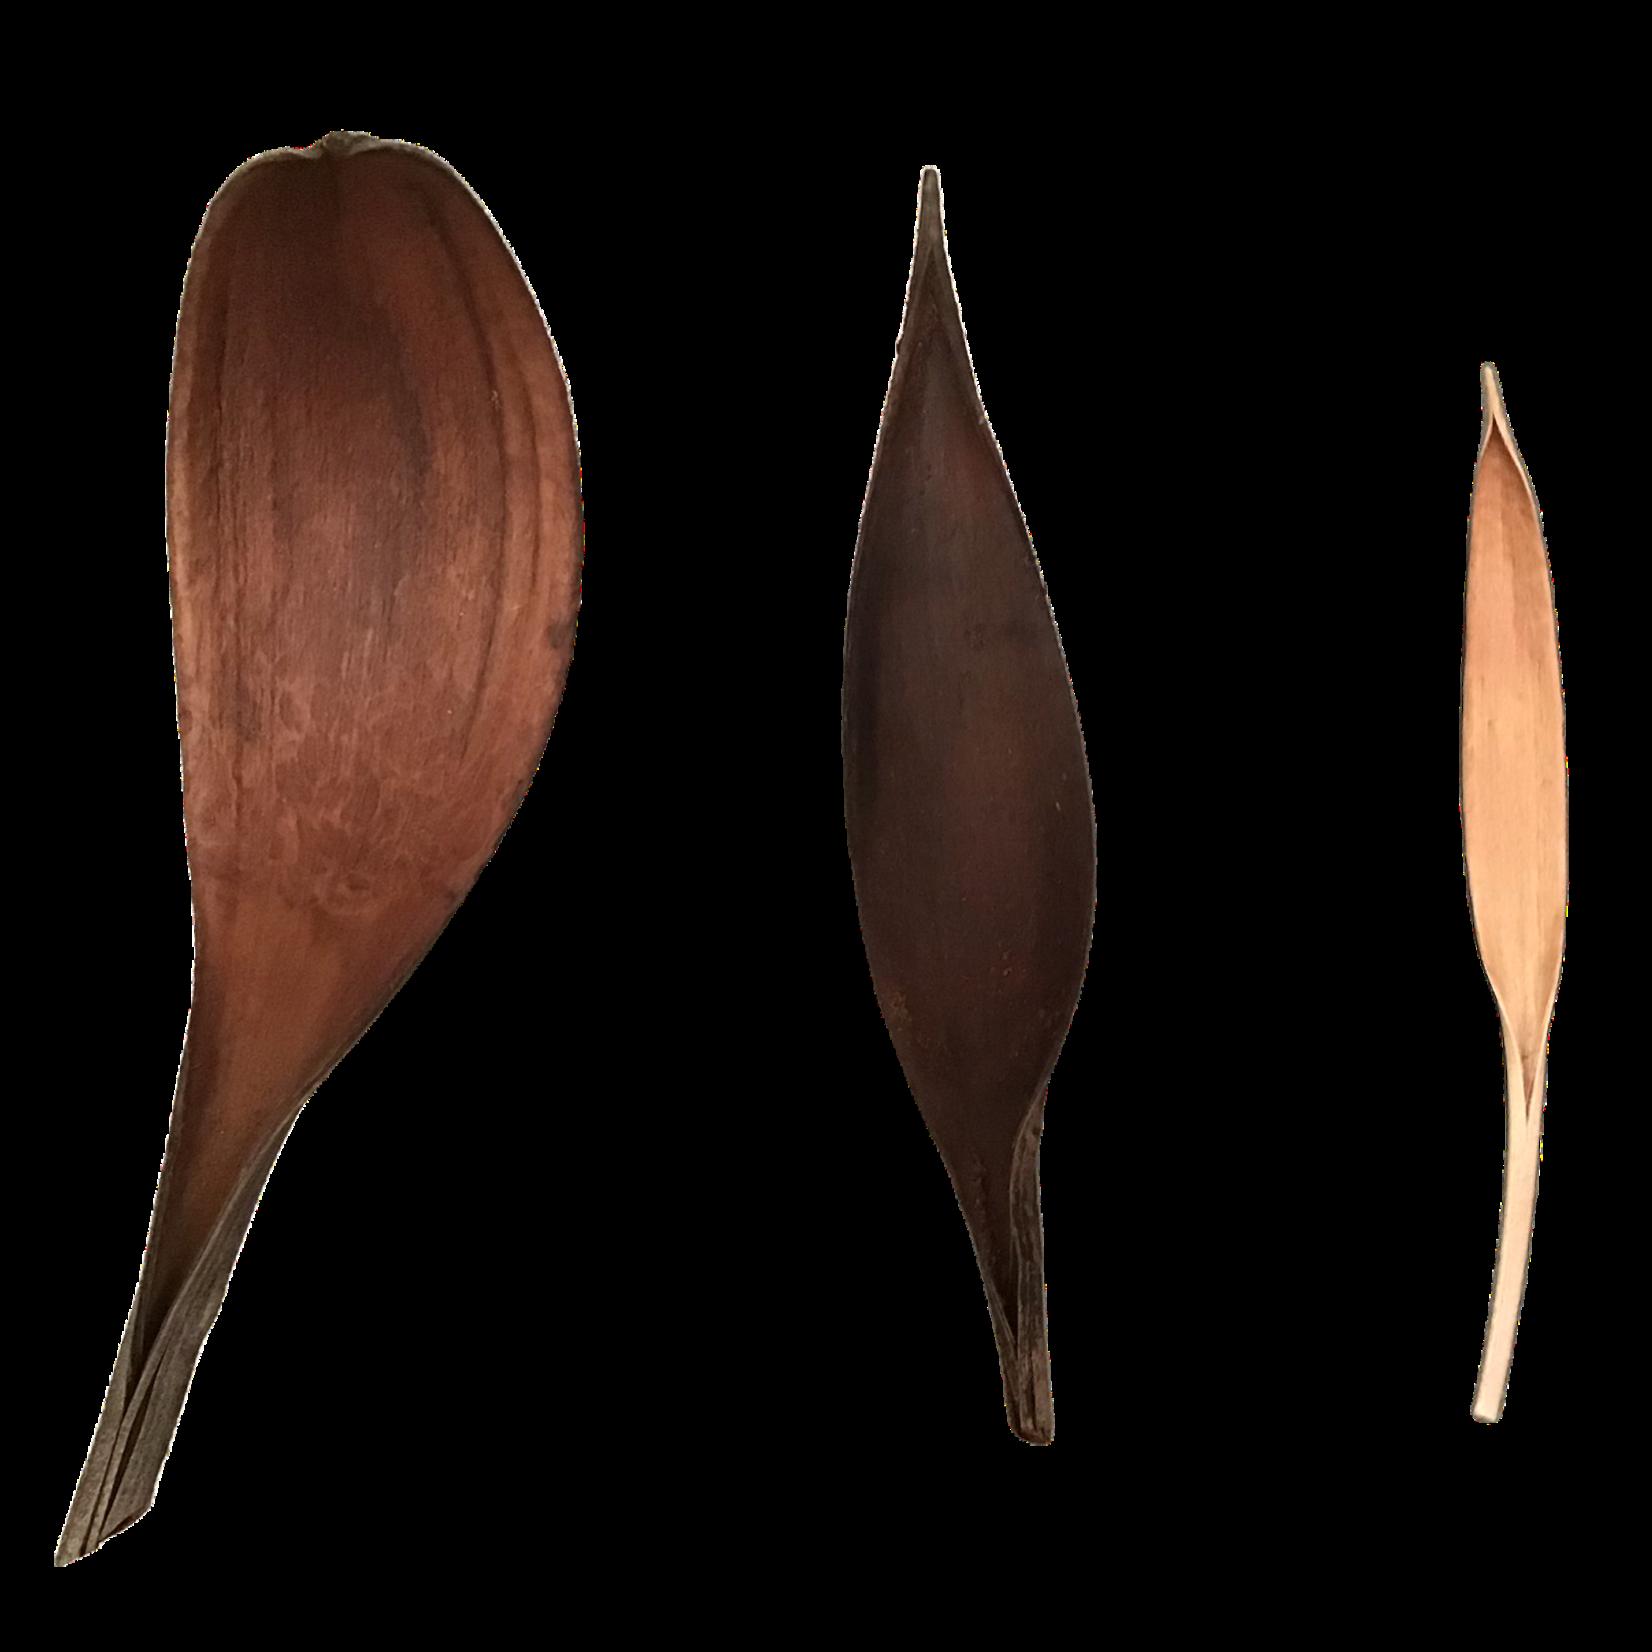 Produits naturels Feuilles de coco sechees